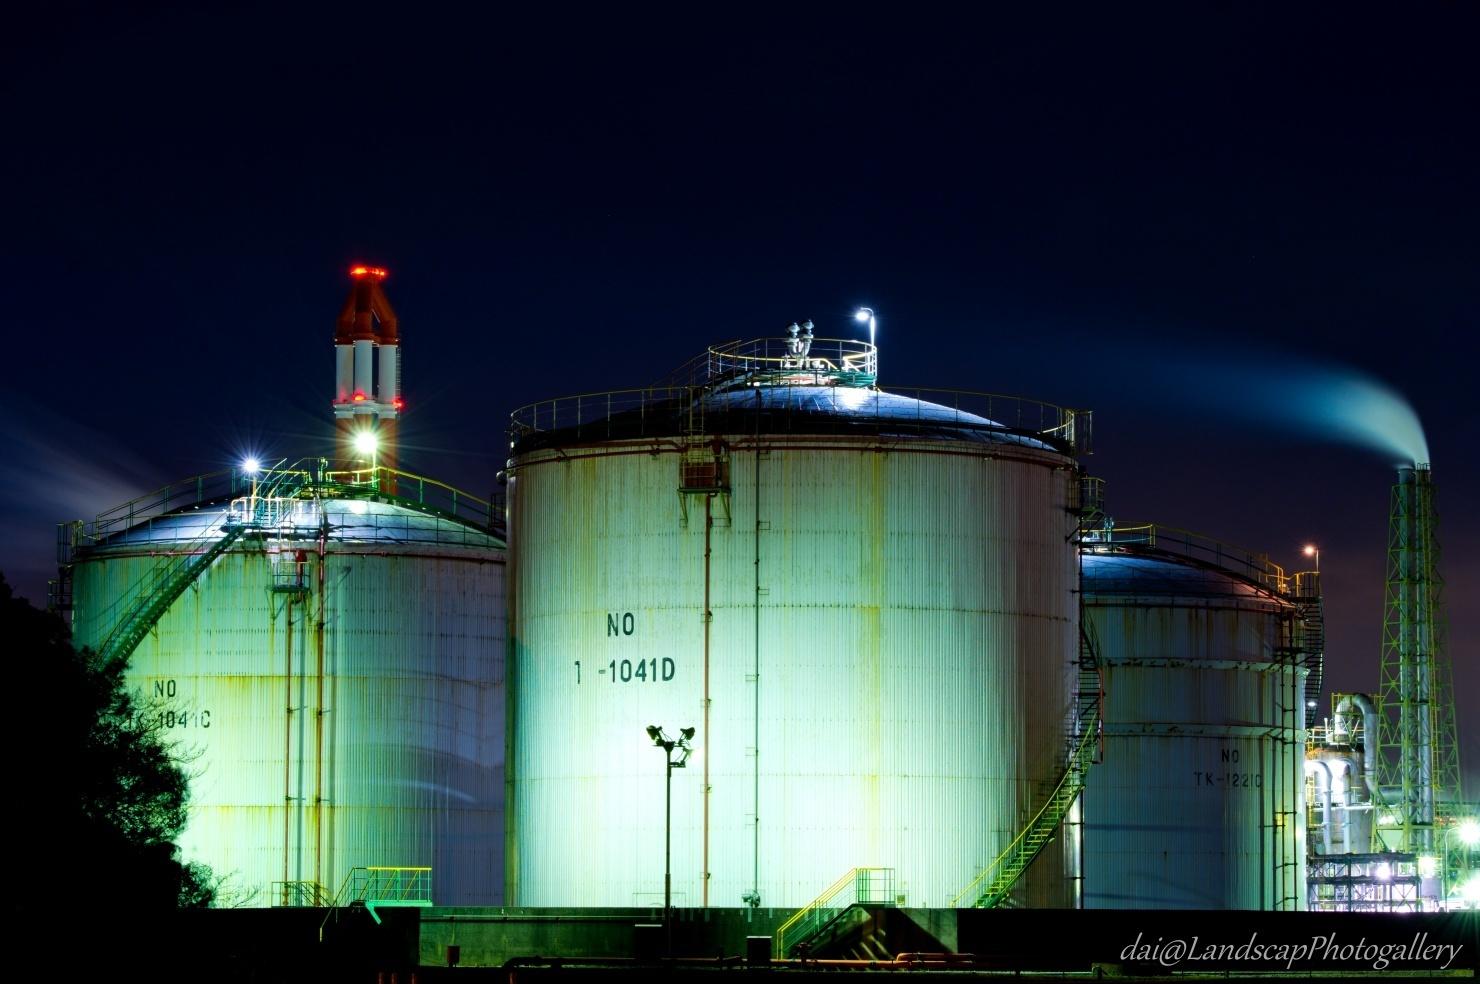 袖ケ浦工場夜景